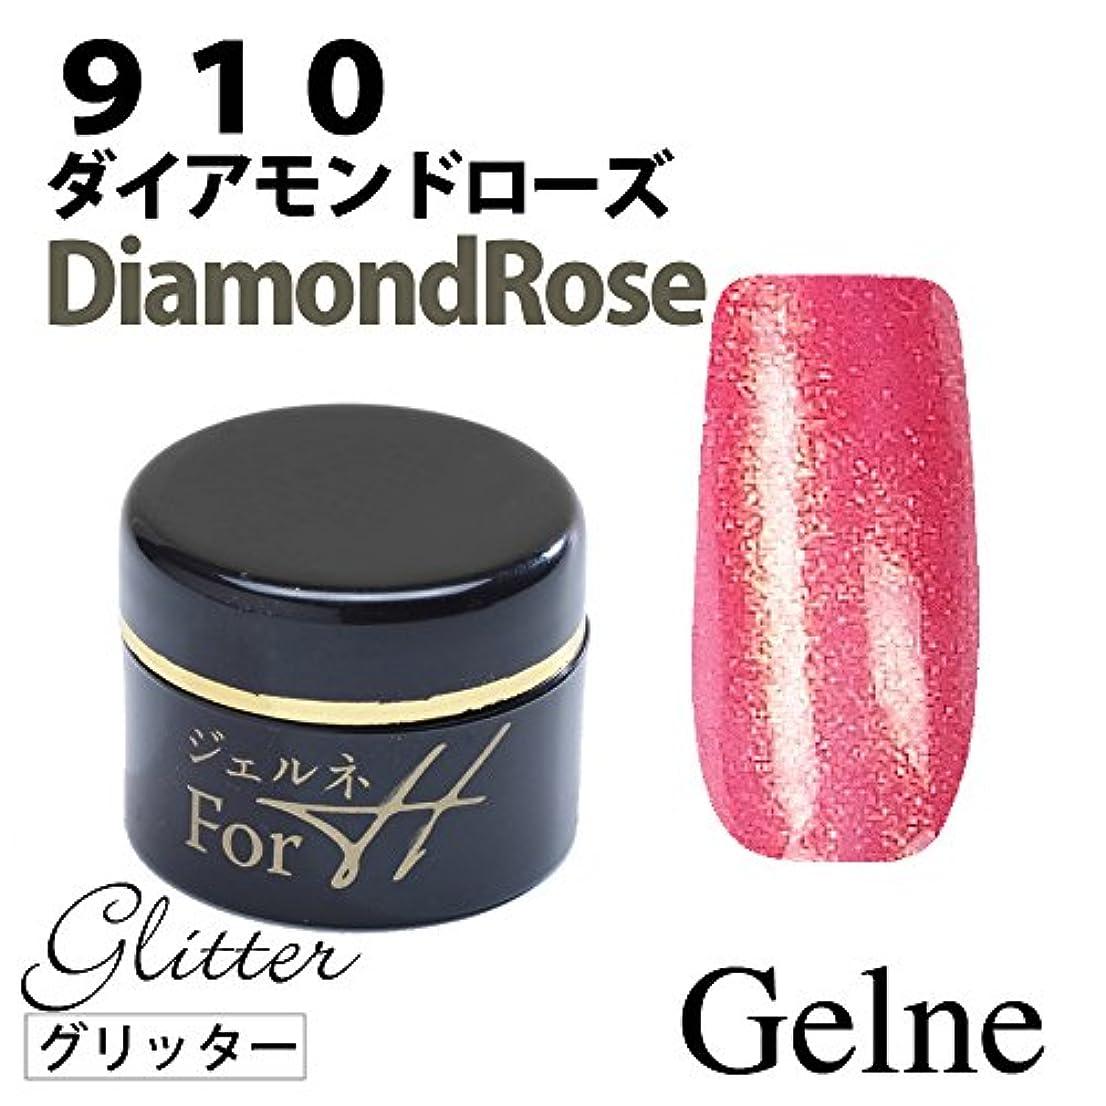 予言するキャロラインに勝るGelneオリジナル ダイヤモンドローズ カラージェル 5g LED/UV対応 ソークオフジェル